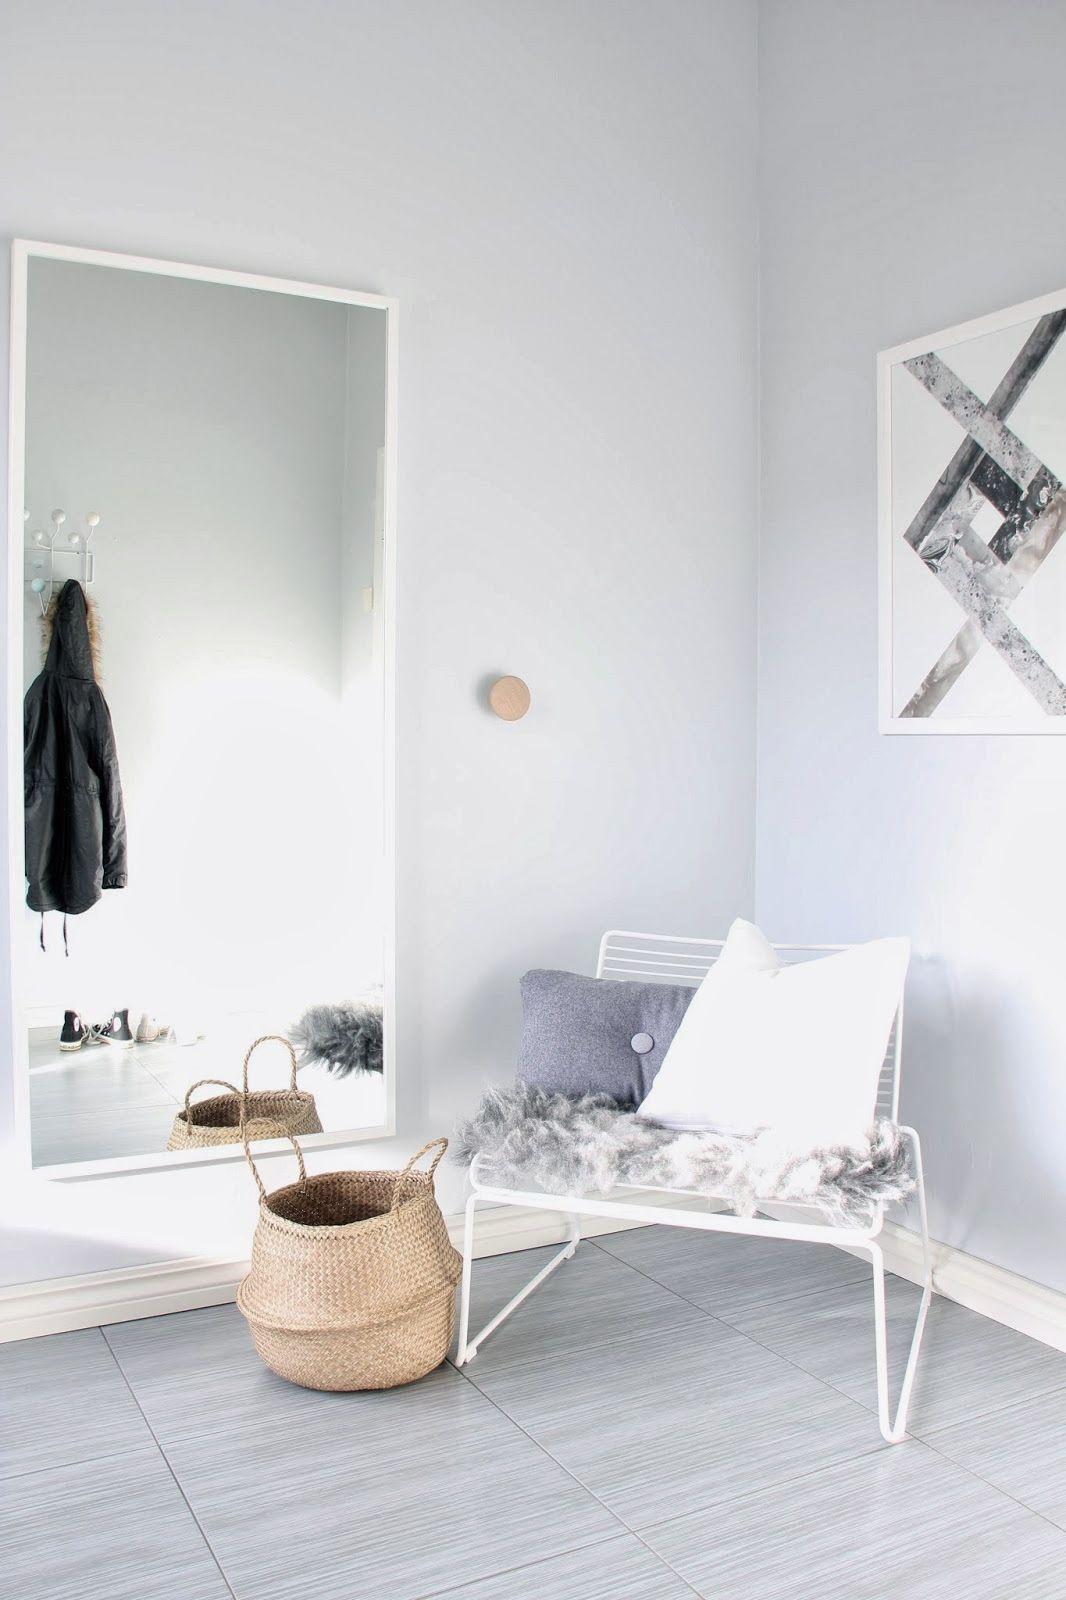 Hee Sessel Von HAY Mit Spiegel Und Garderobenhaken Von Muuto. Schönes Skandinavisches  Design, Das Immer Schlicht Elegant Einen Flur Betört! ...